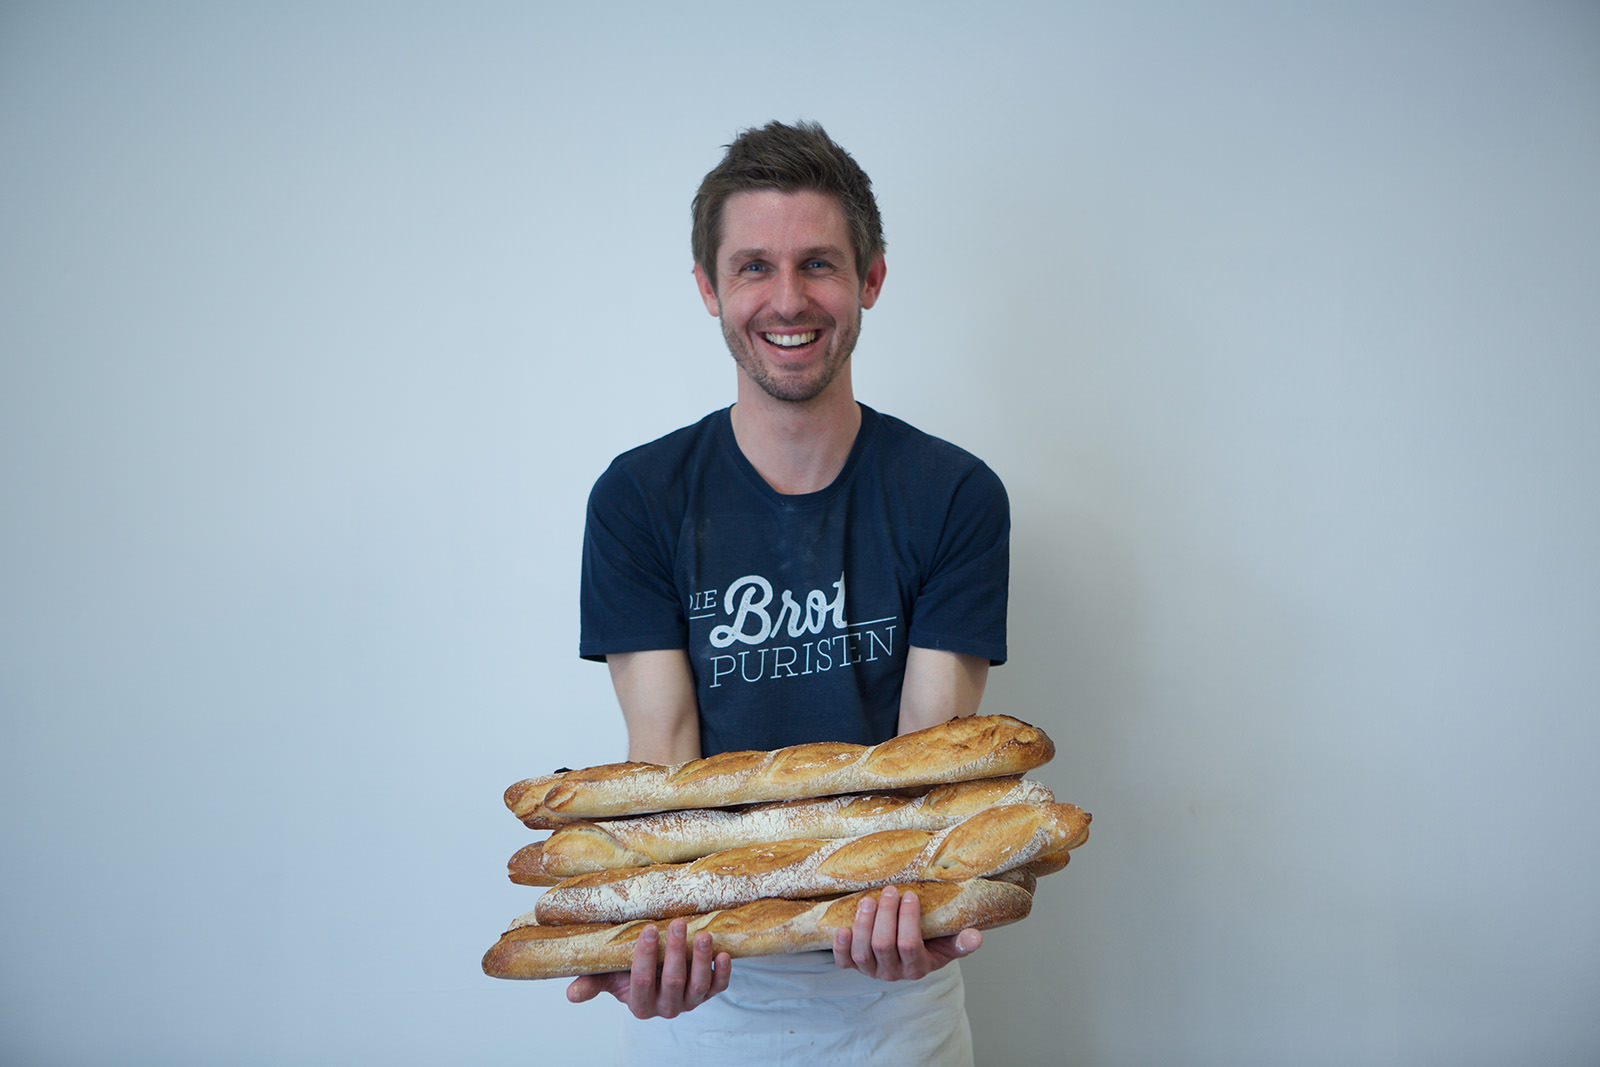 Die Brot Puristen